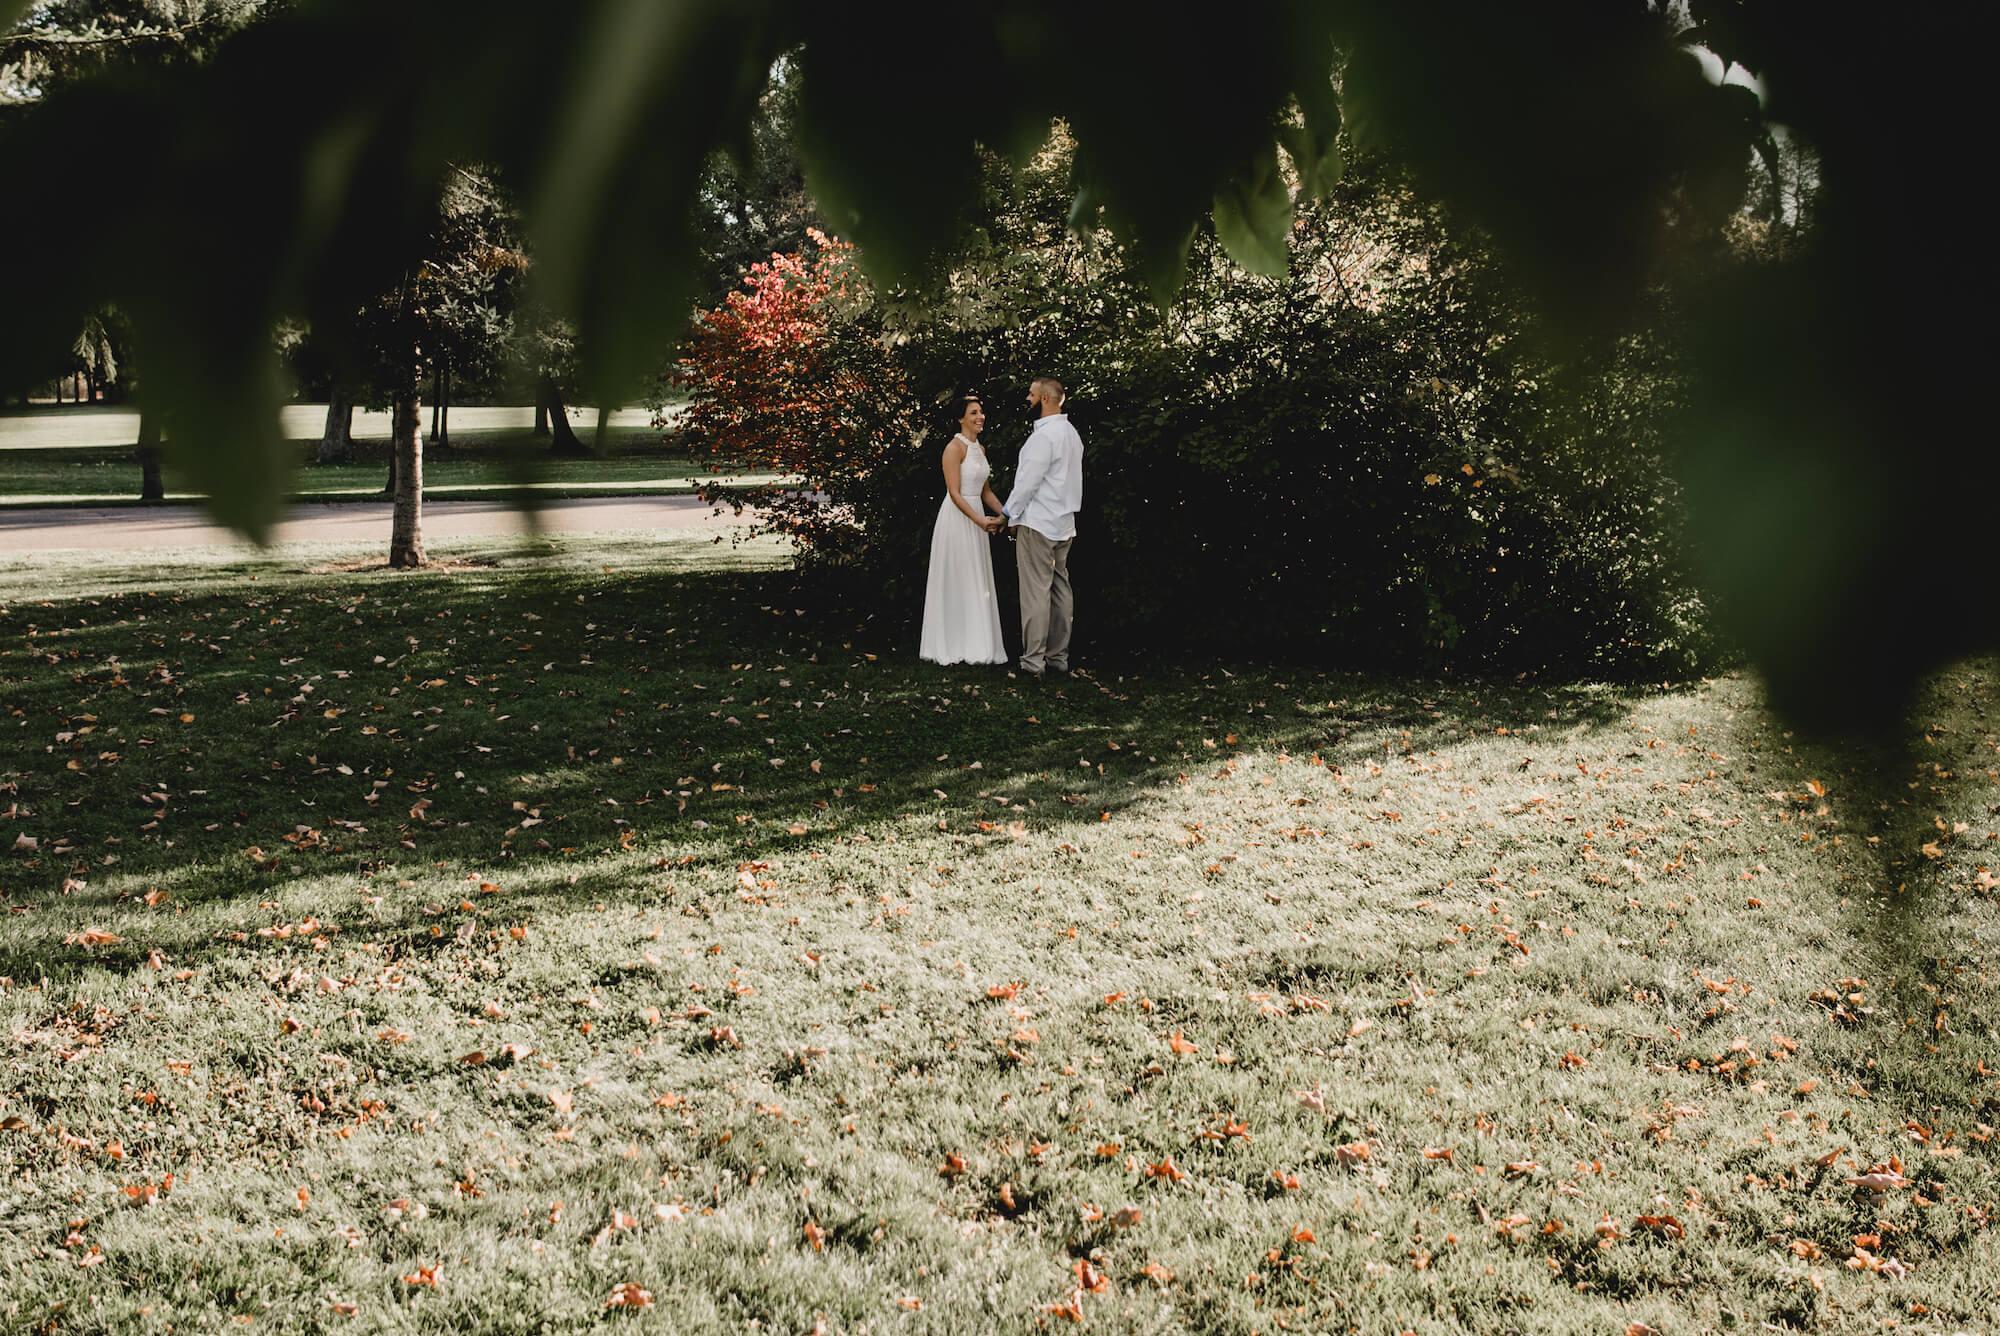 engle-olson-tammy-marc-wedding-32.jpg